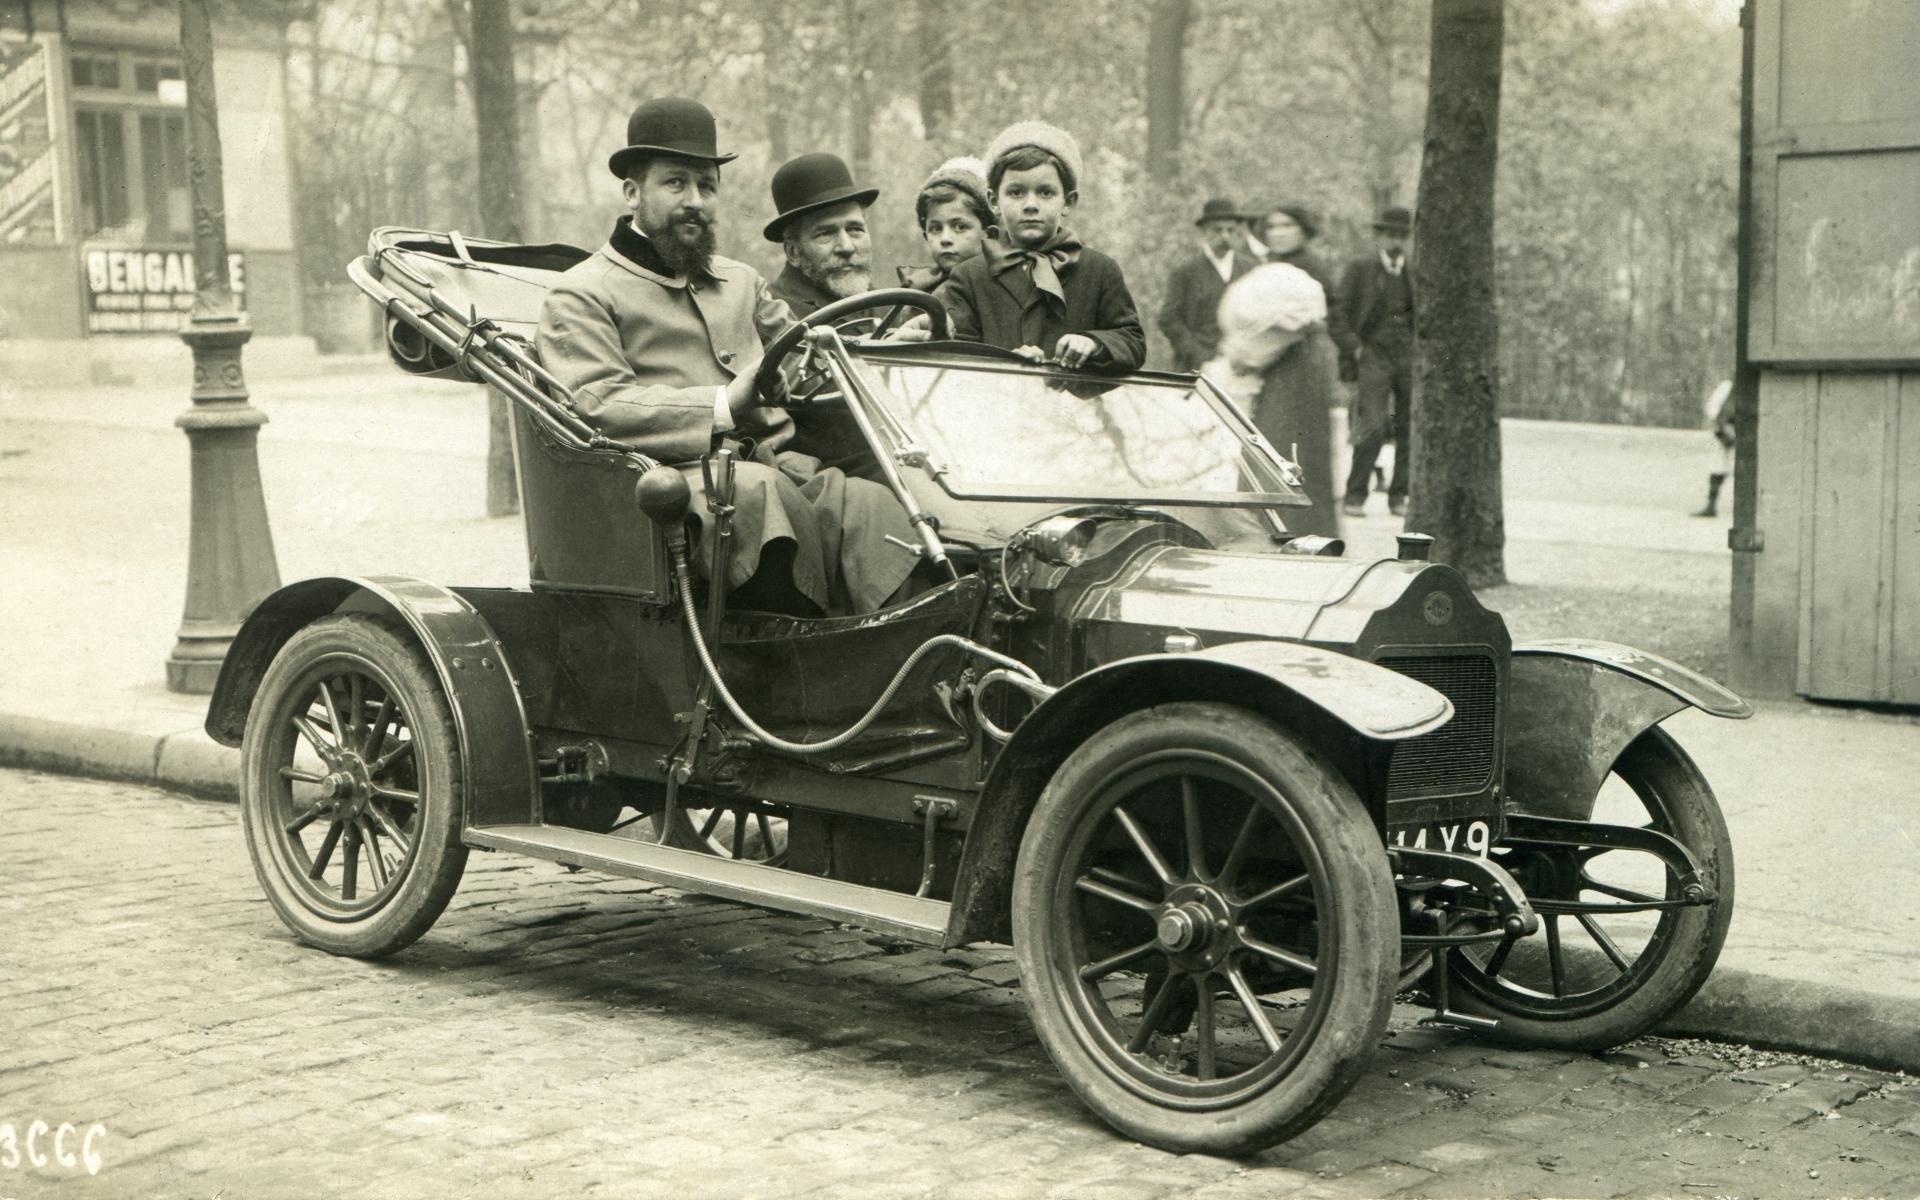 Paris in 1910